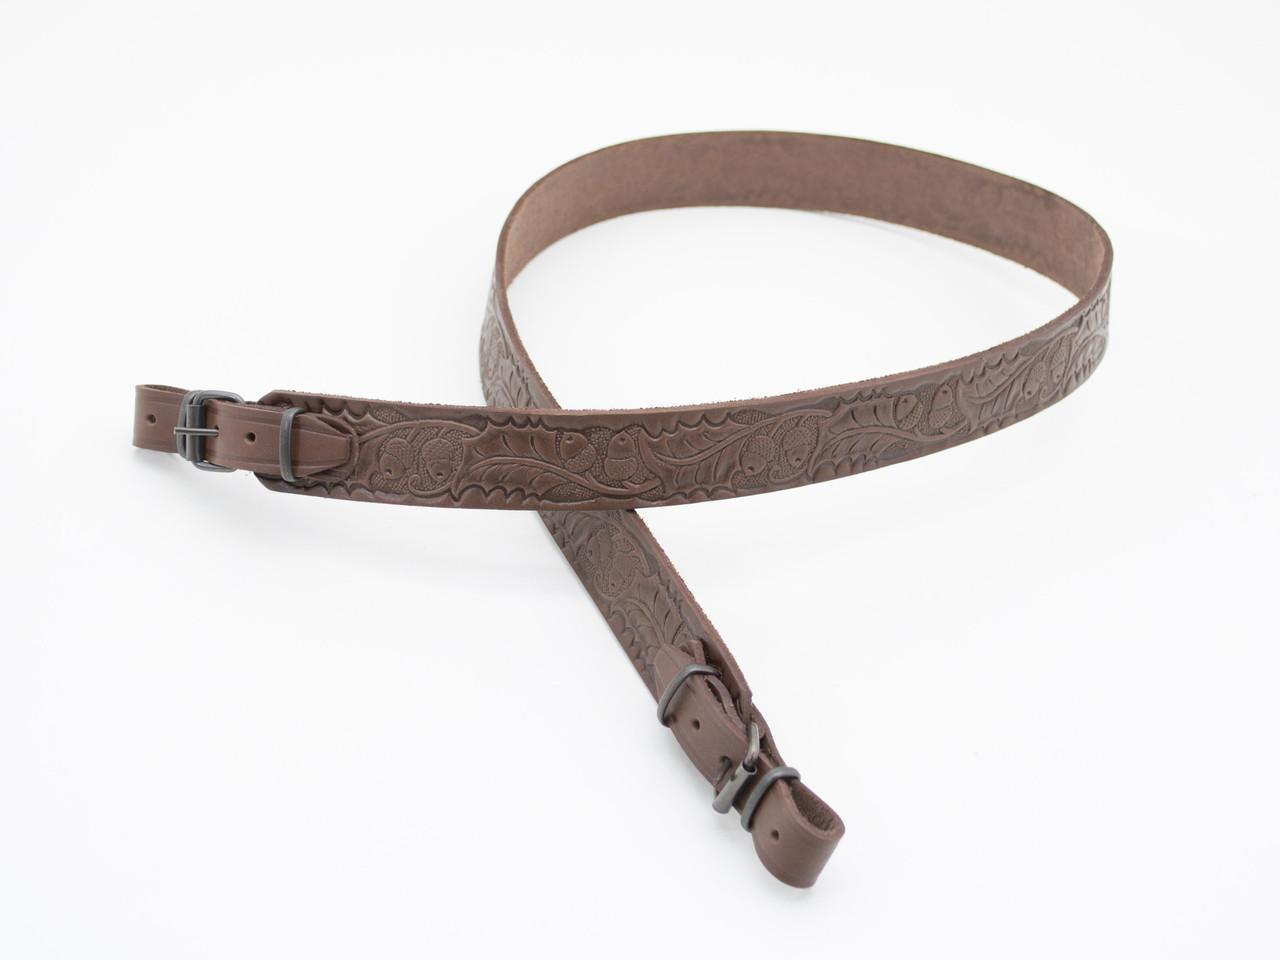 Ремень для ружья прямой тисненый жолудями кожаный коричневый 5031/2